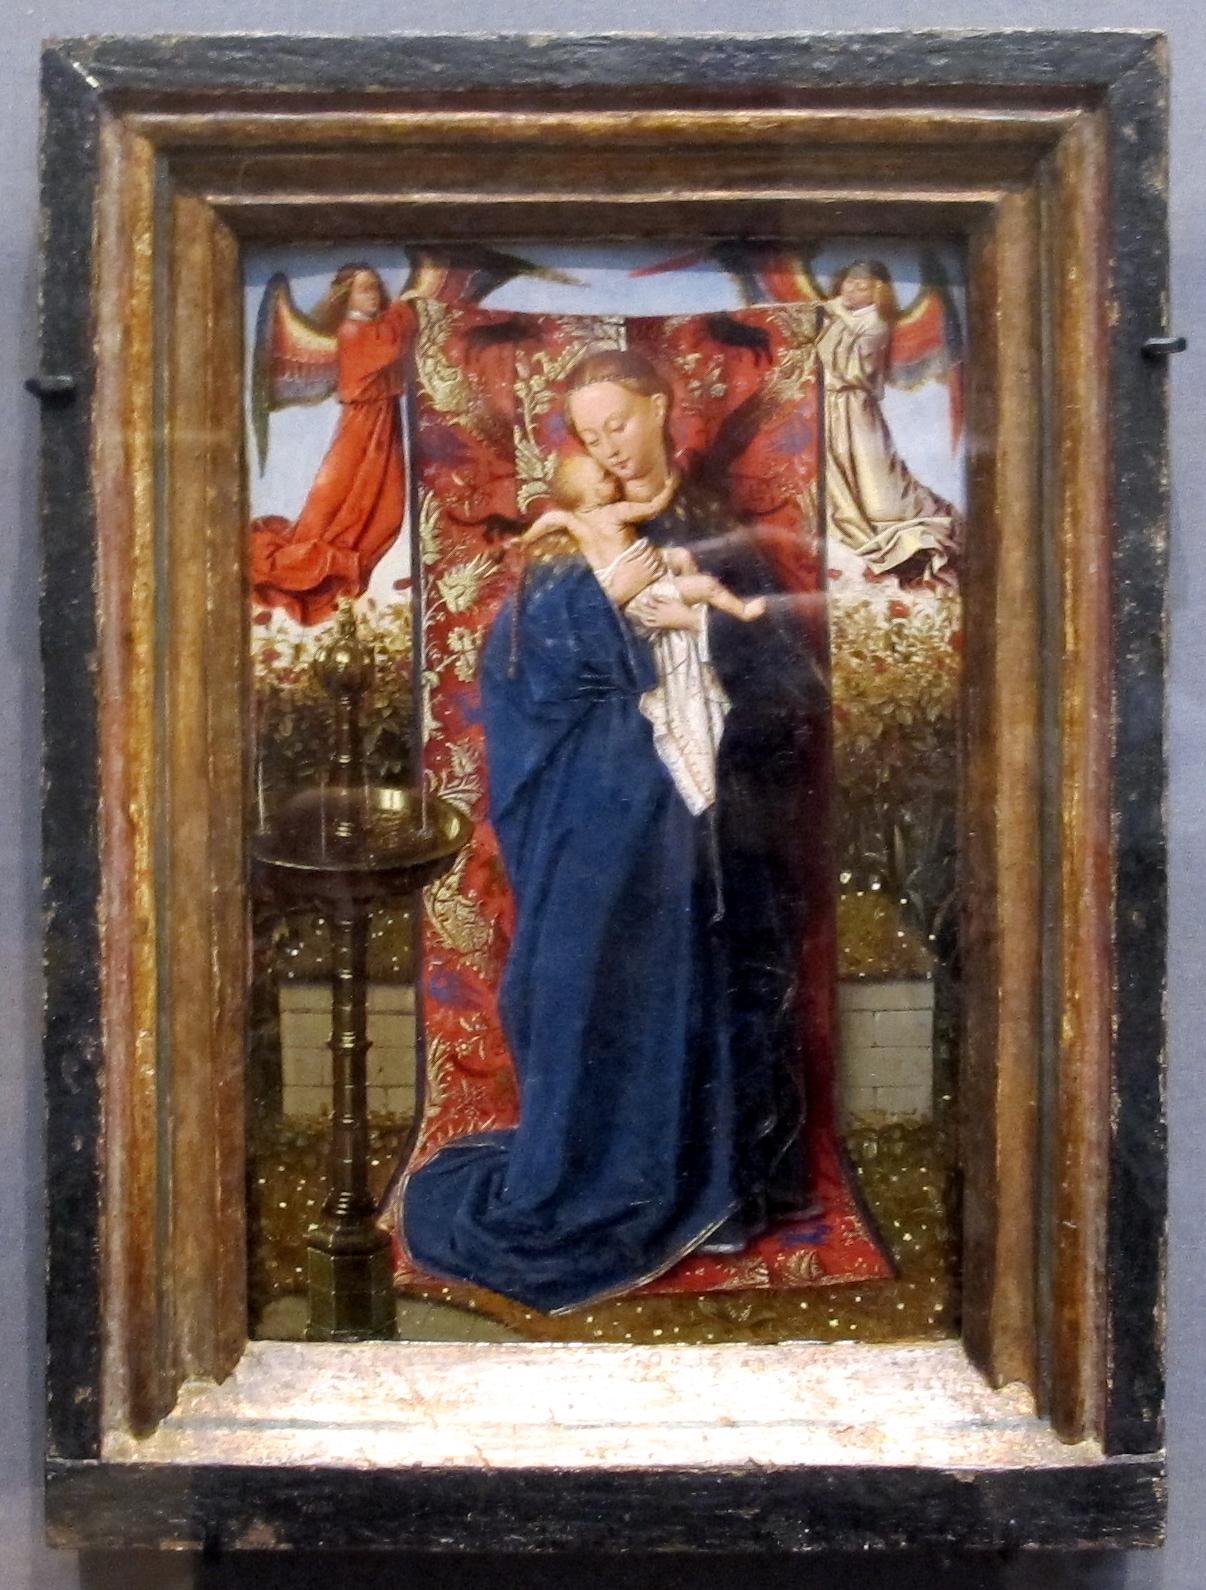 Spiksplinternieuw File:Jan van eyck (bottega), madonna della fontana, 1440 ca..JPG JQ-91